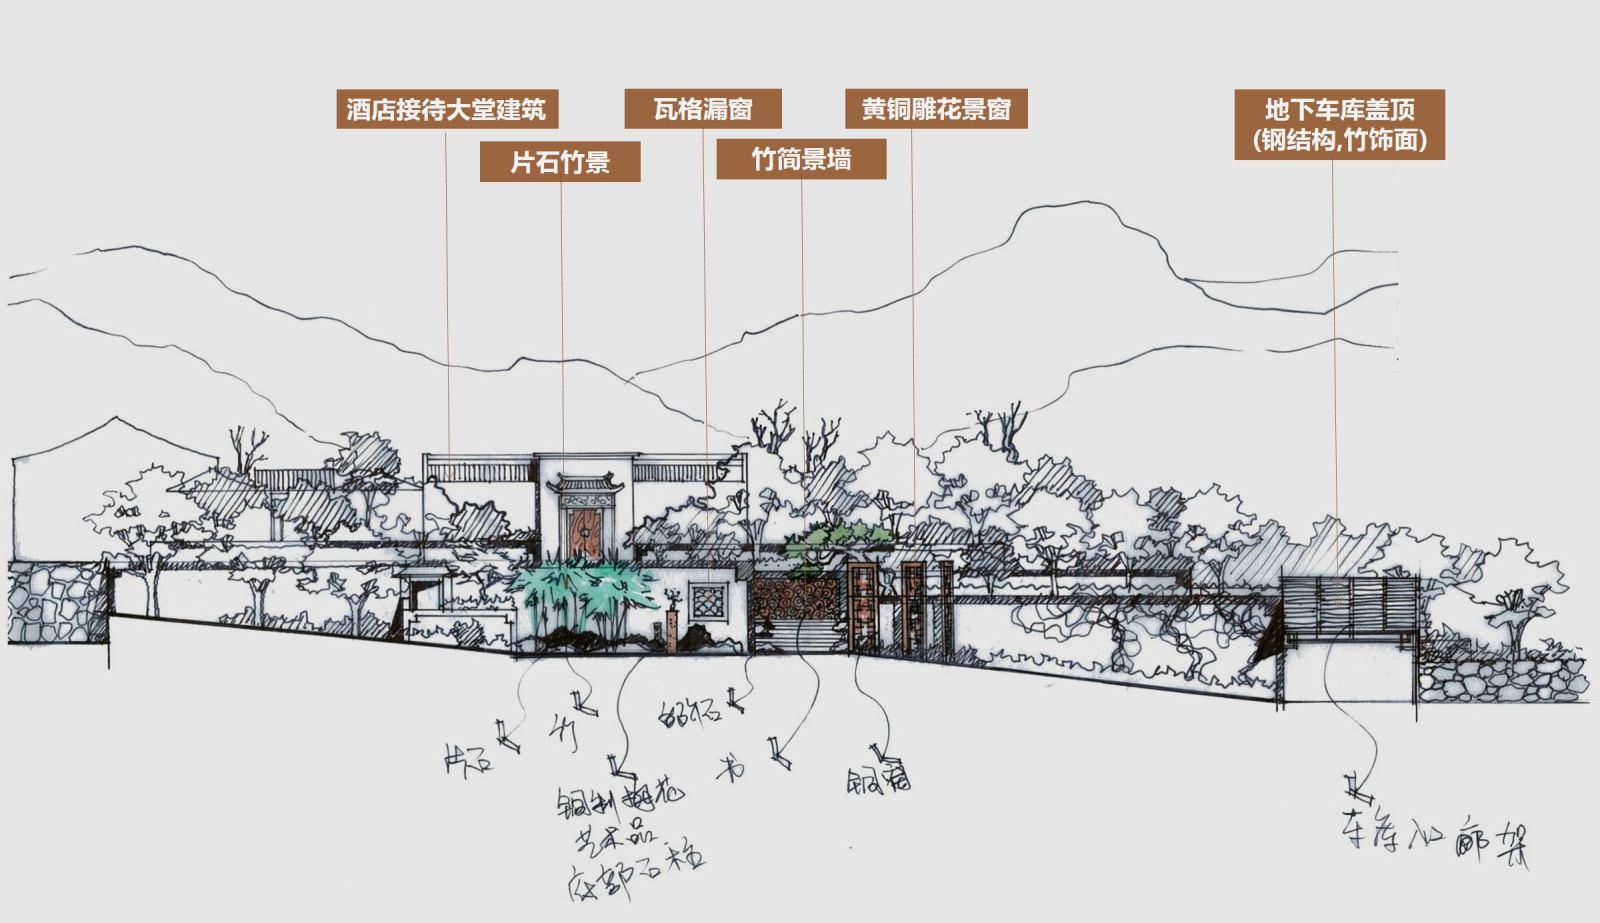 采用古典园林建筑的空间布局形式,设计